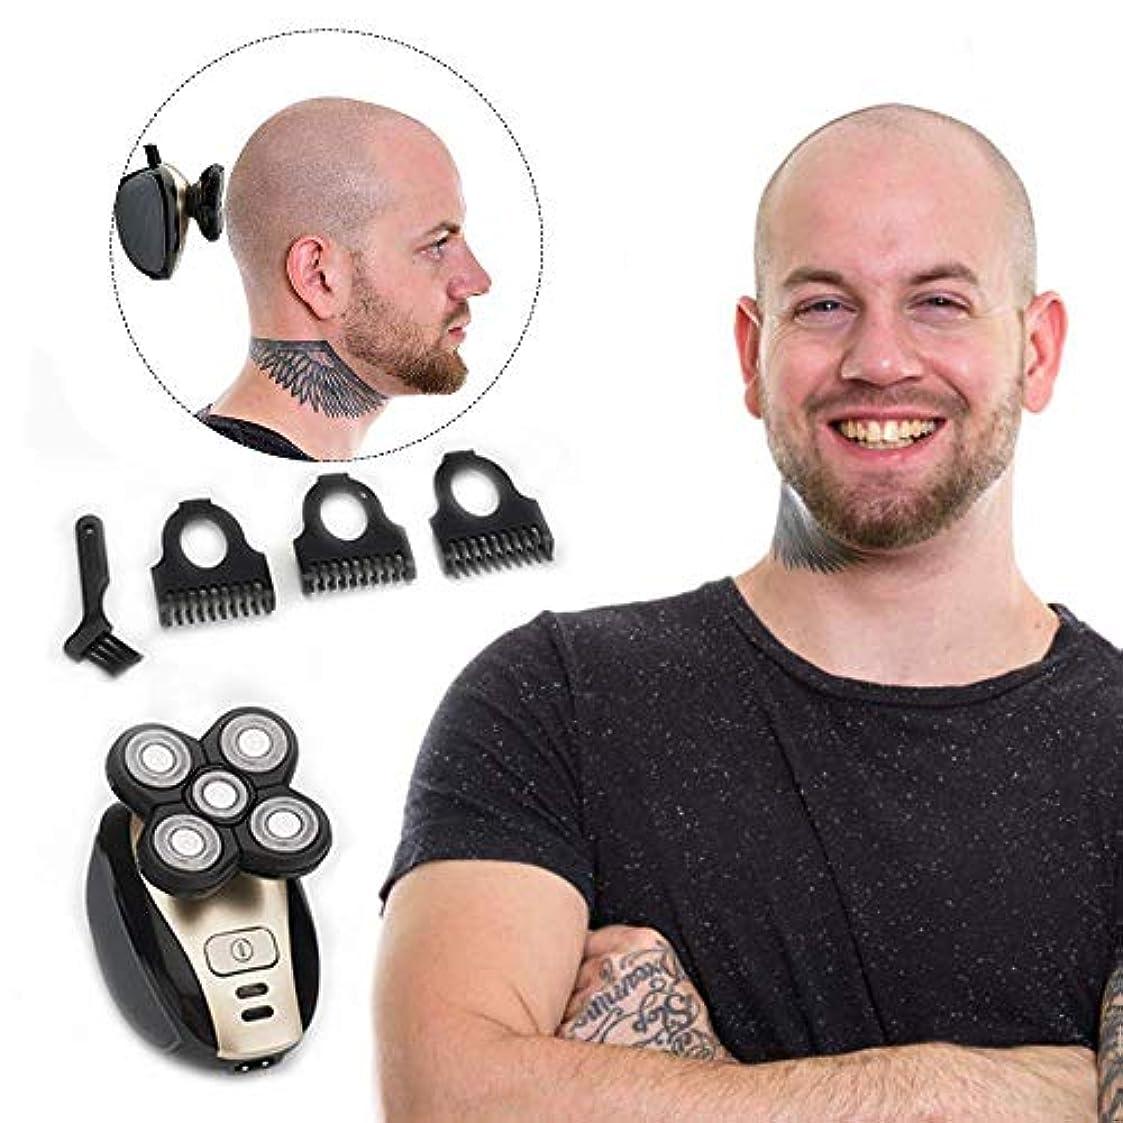 調和のとれた事実上世論調査電気かみそり電気かみそりクイックUSB充電式ウェットドライロータリーシェーバー4Dフローティング5かみそりヘッドコードレスグルーミングキットヘアかみそり付き男性用